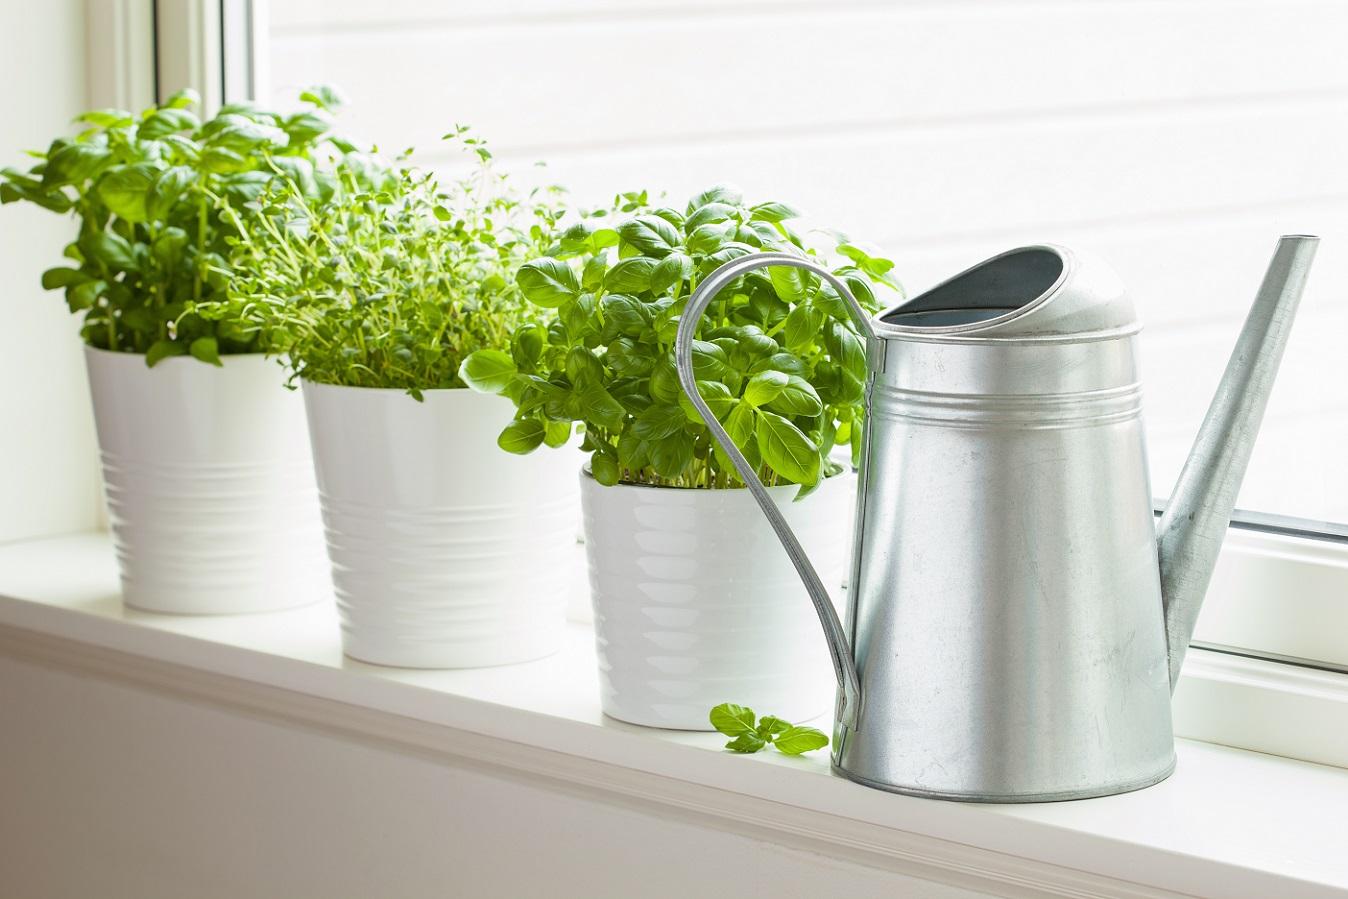 Ervas aromáticas - vasinhos com ervas na cozinha